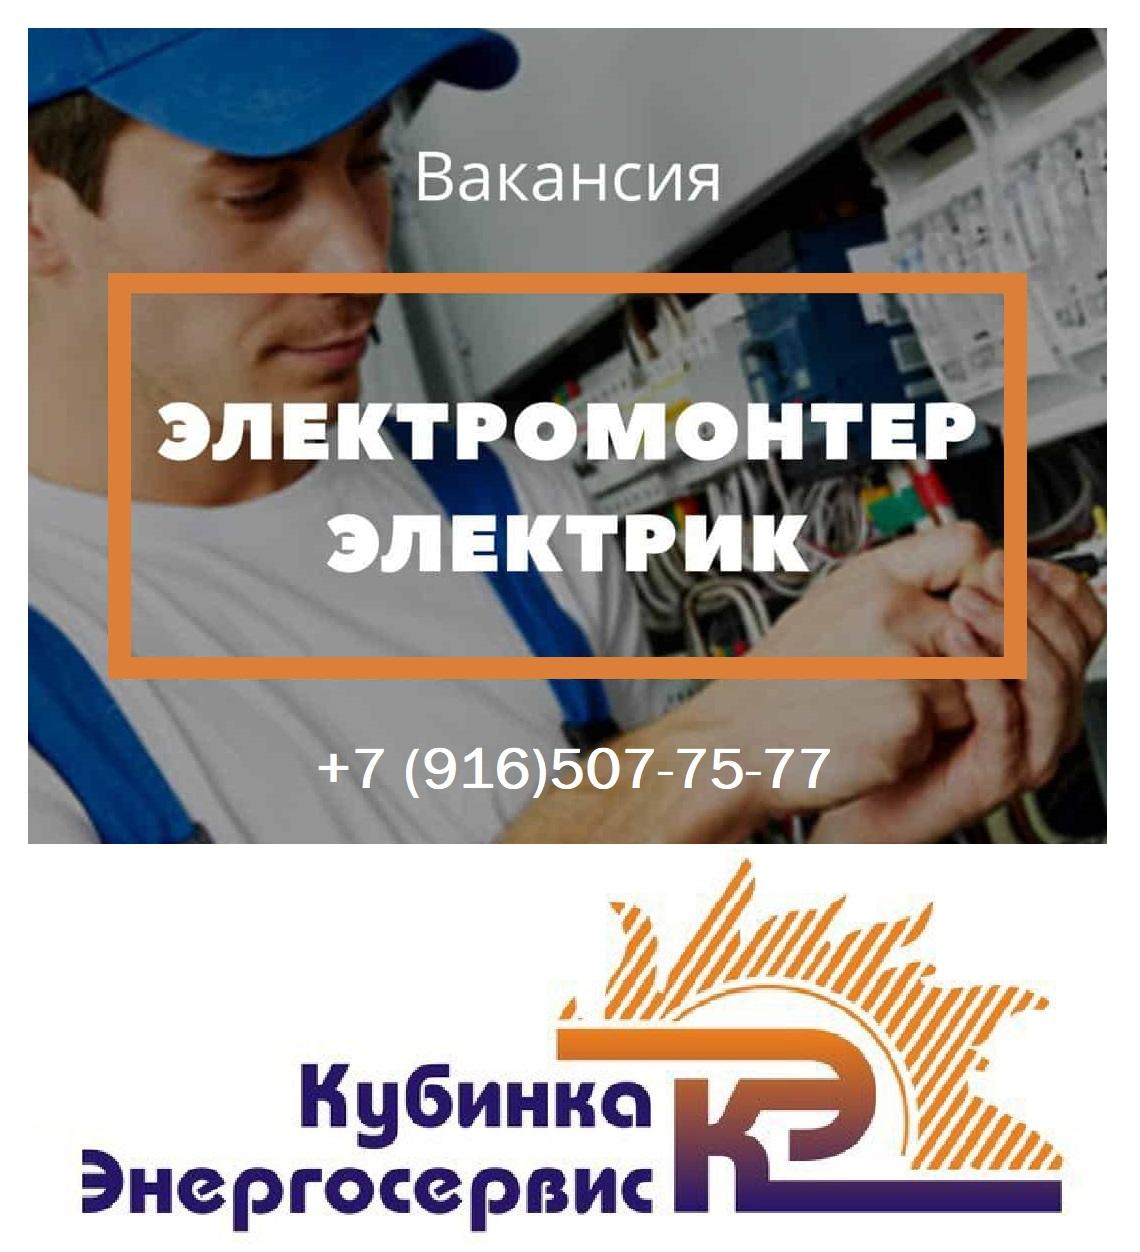 ⚡На работу в электромонтажную организацию ООО «Кубинка